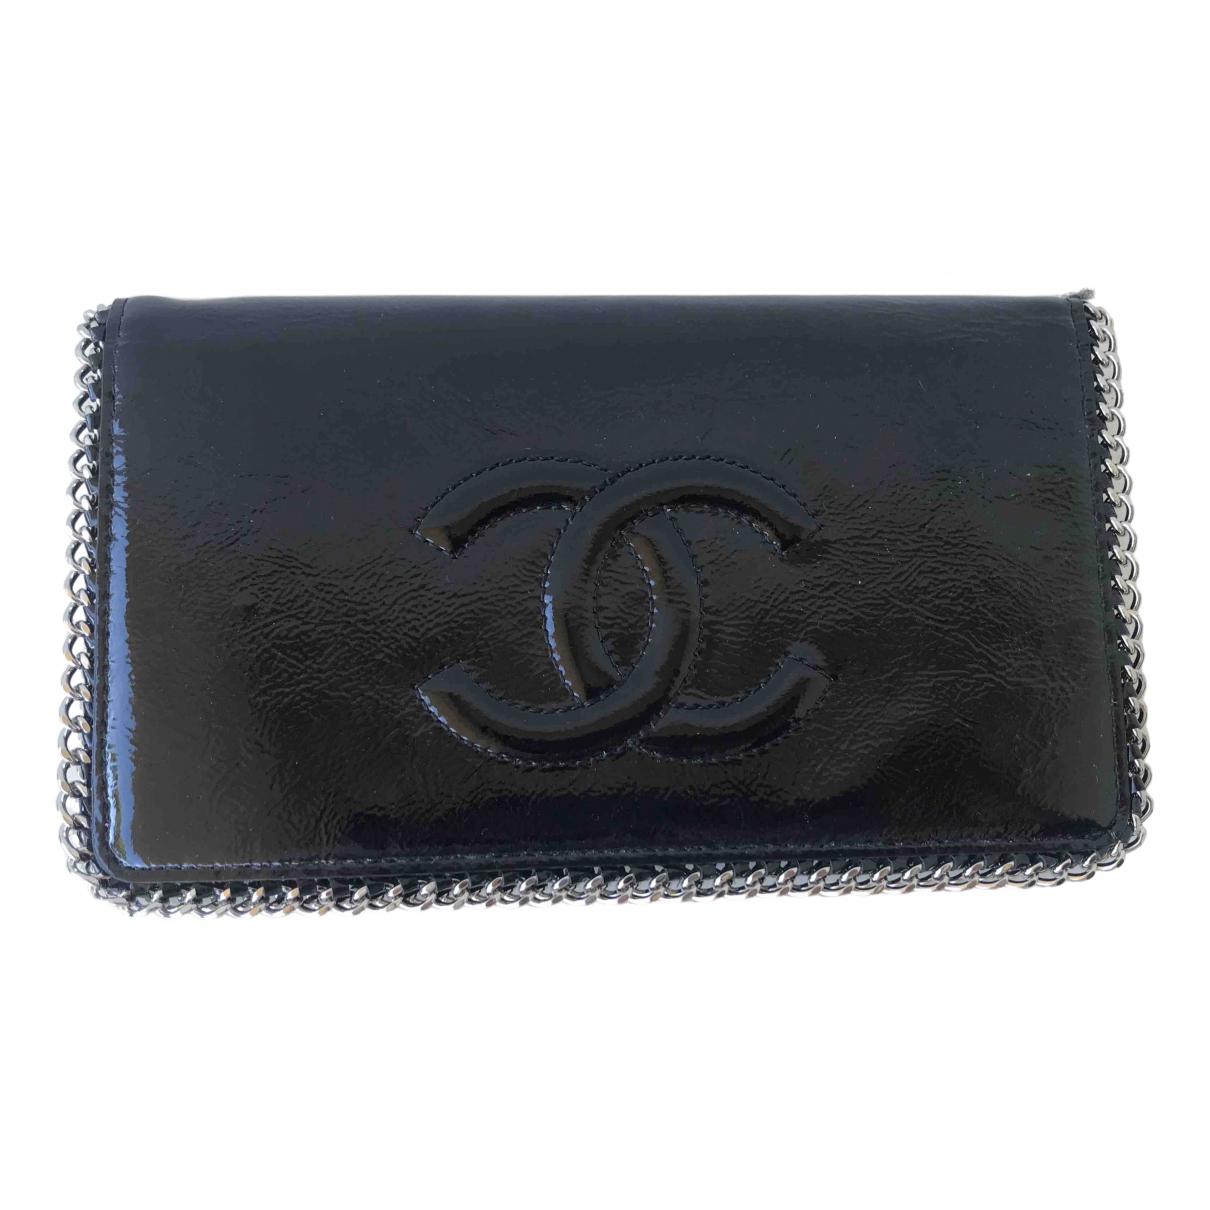 Chanel \N Portemonnaie in  Schwarz Lackleder